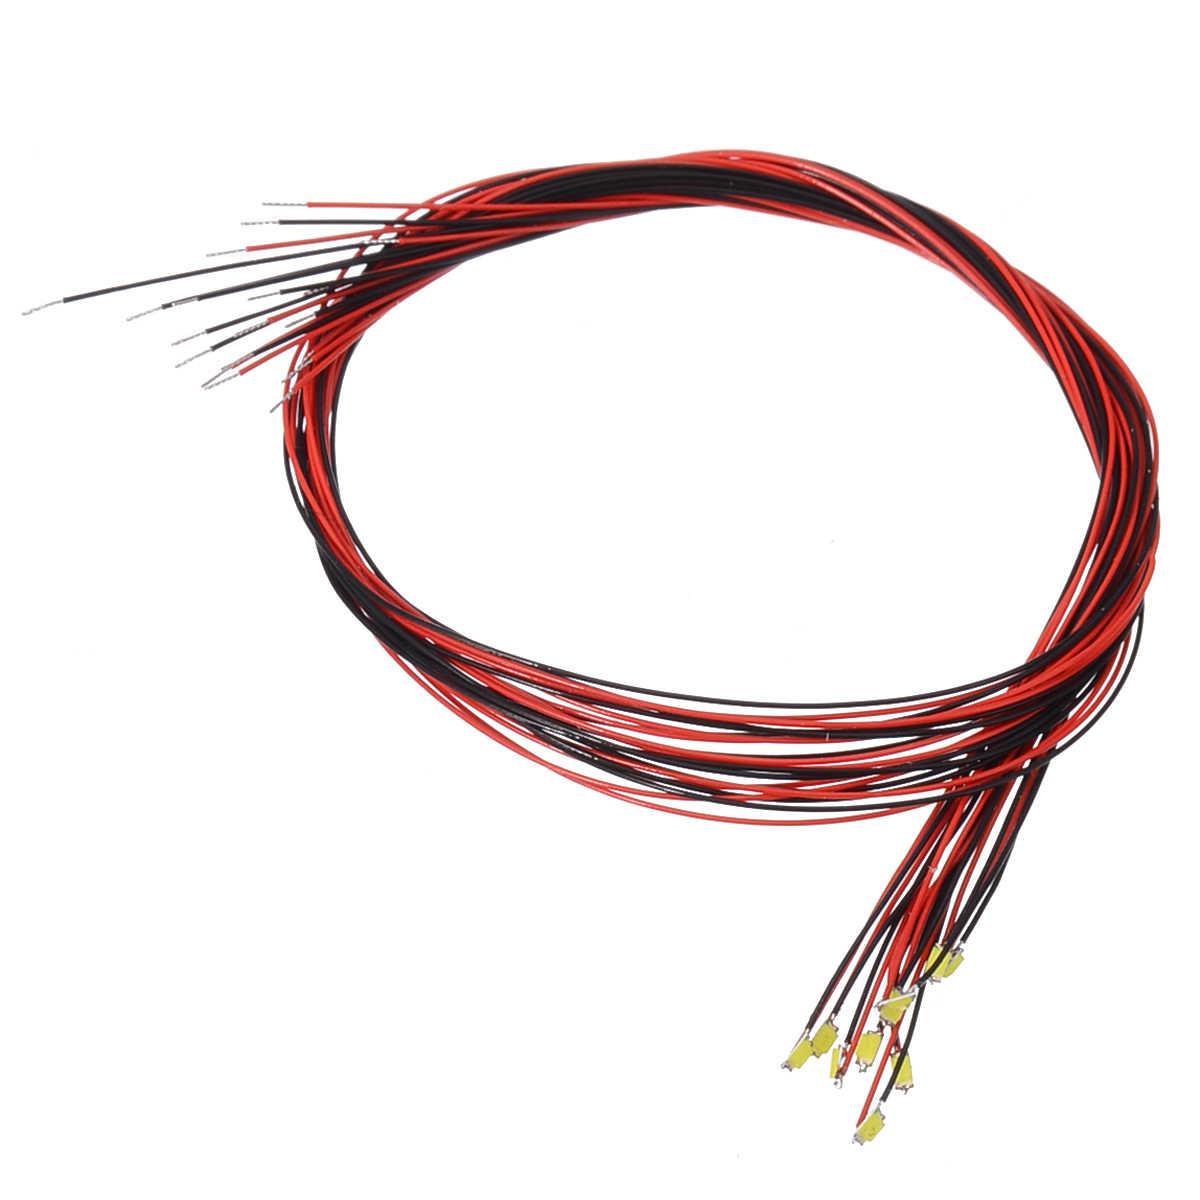 10 Chiếc Mới T0603WM LED Trước Hàn Micro Litz Cord Có Dây Dẫn Trắng SMD LED 200 Mm 3V /12V